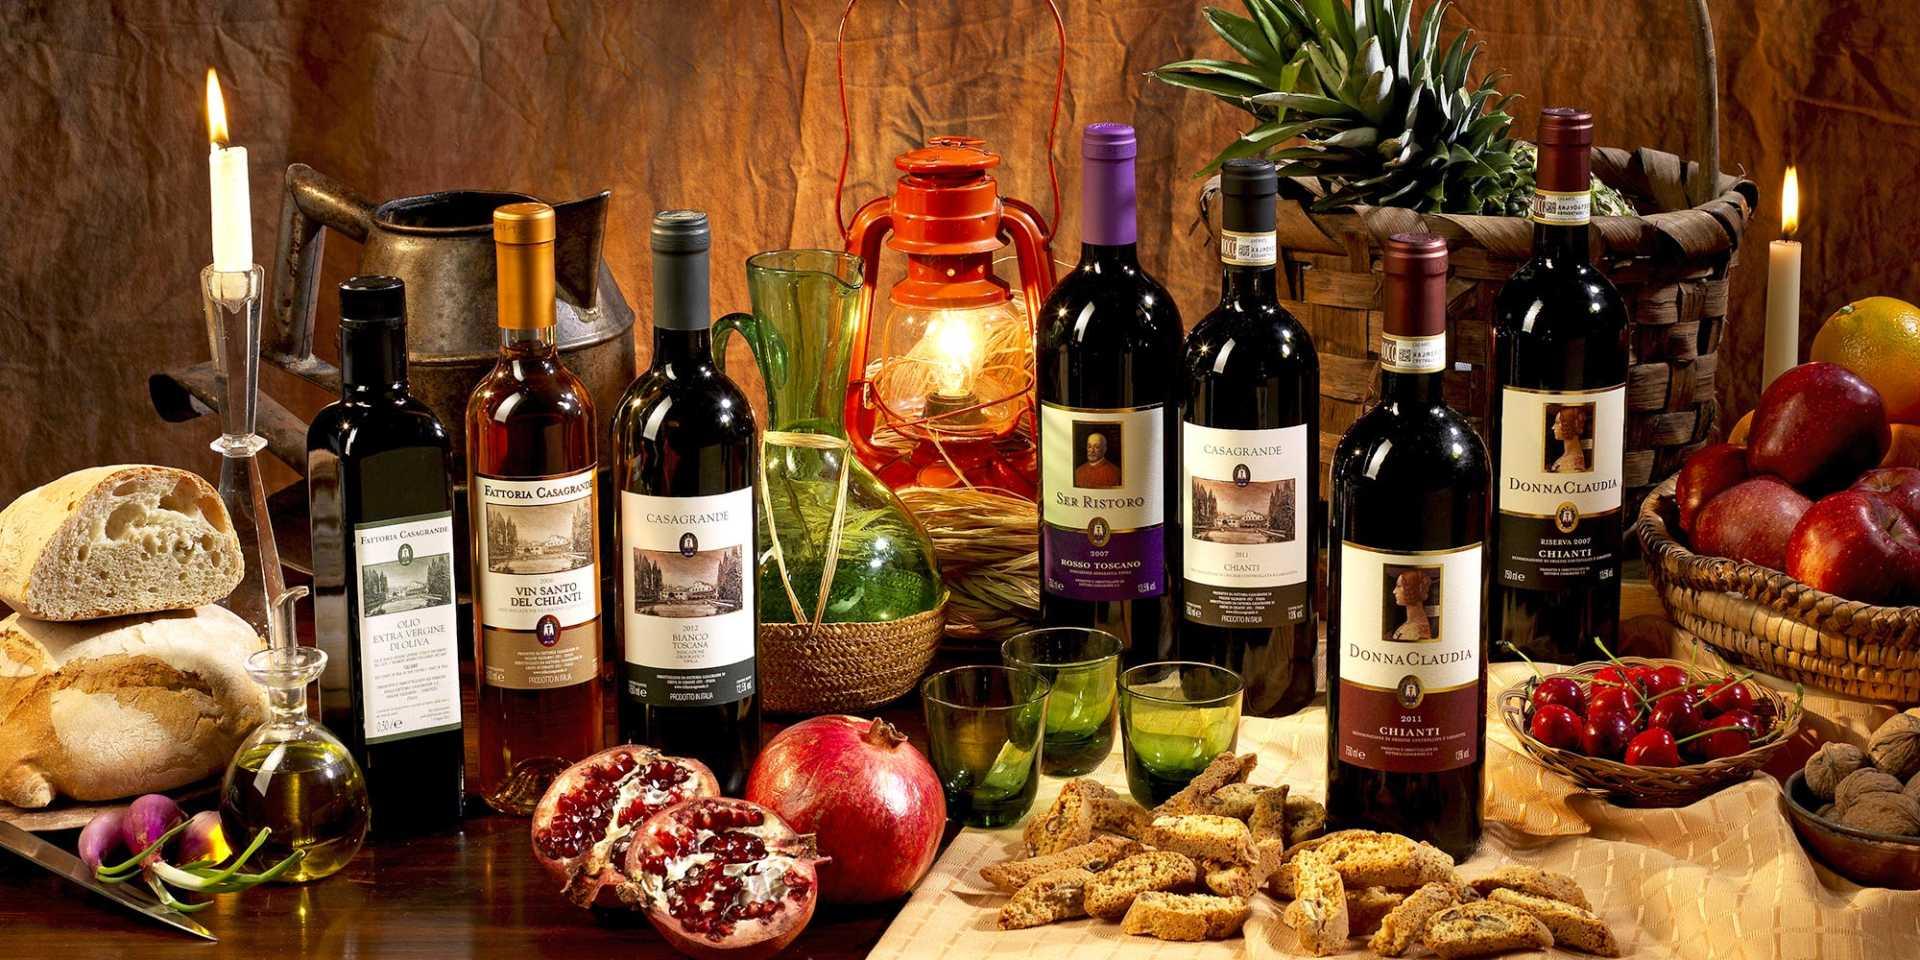 Fattoria casagrande movimento turismo del vino toscana for Vecchie planimetrie della fattoria